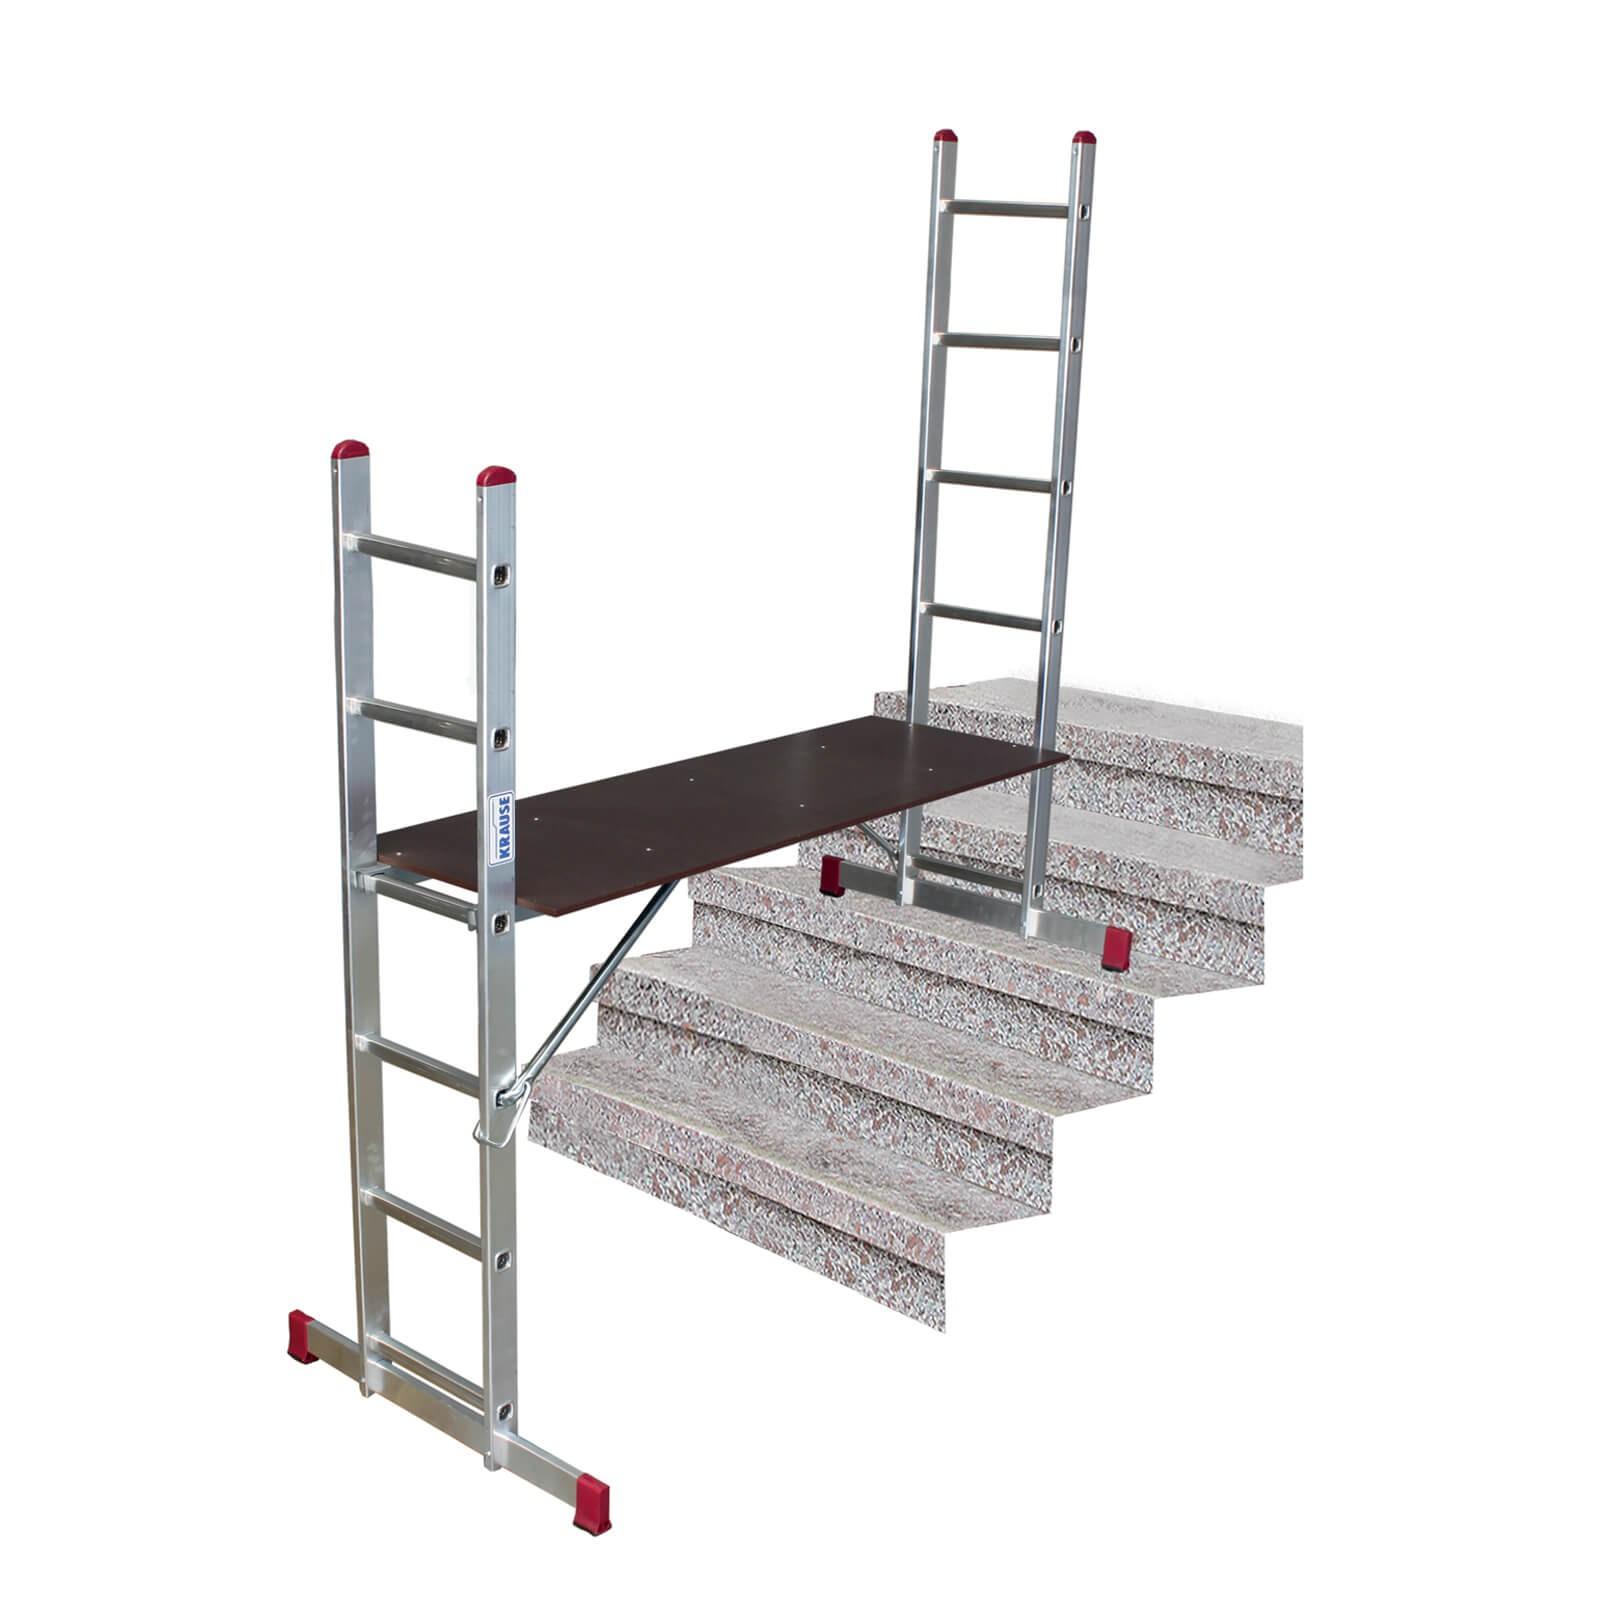 krause corda alu leiter ger st multiger st stehleiter 2x6. Black Bedroom Furniture Sets. Home Design Ideas